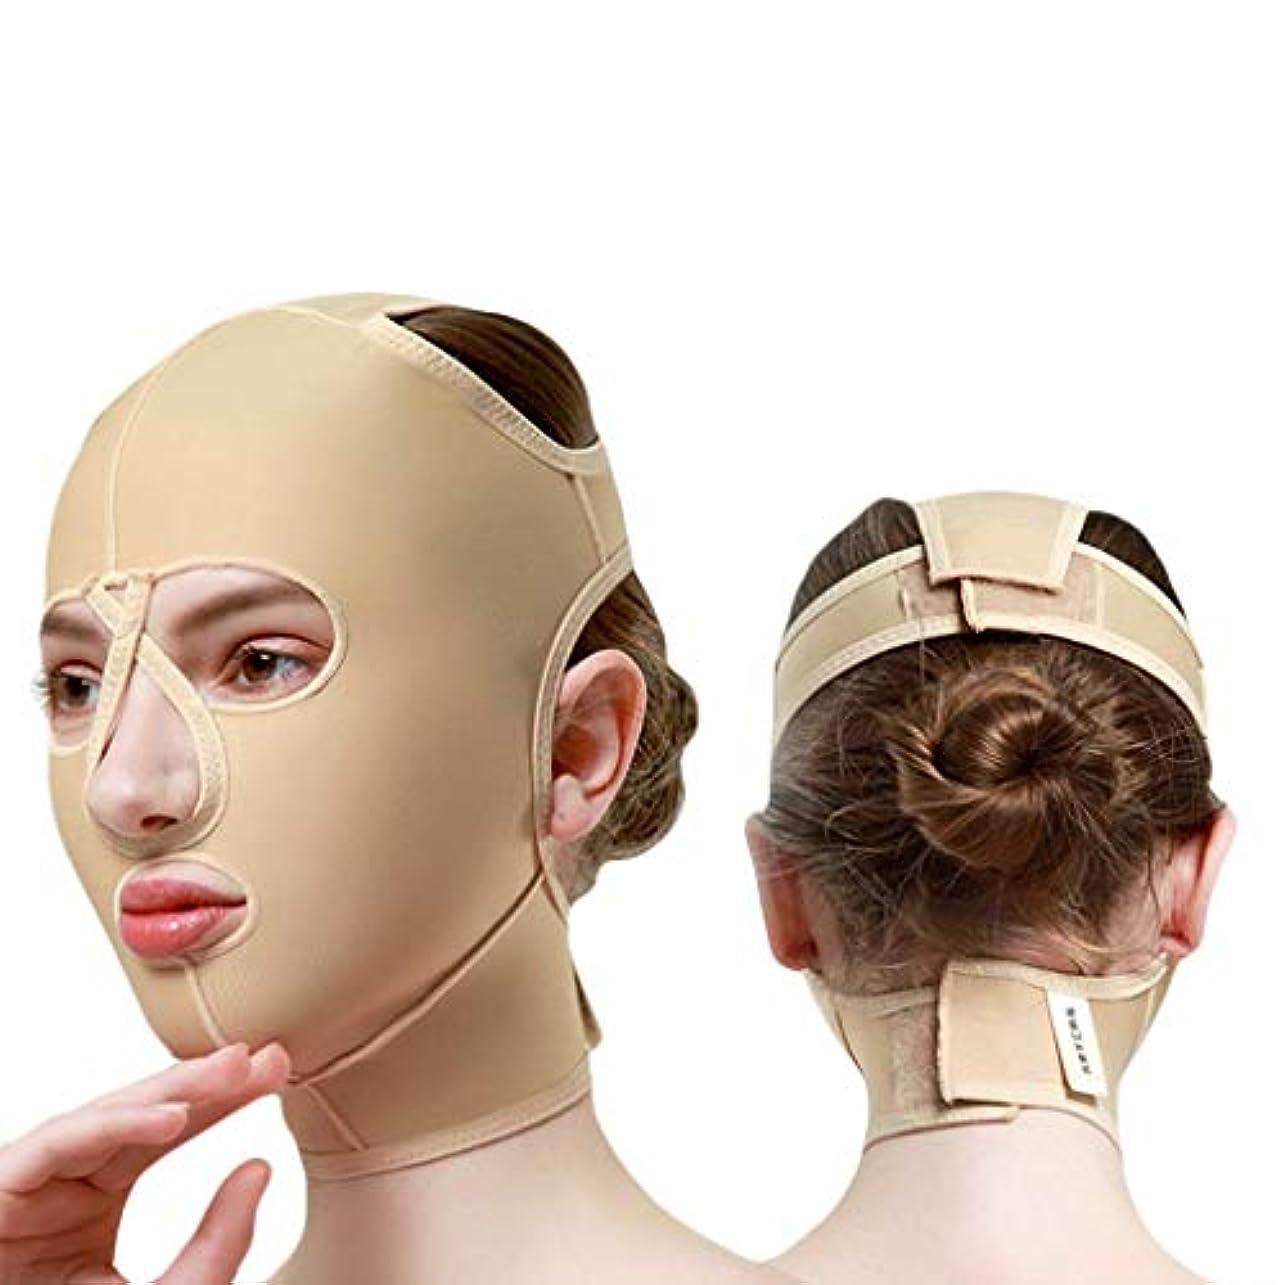 ボスライバル不実チンストラップ、顔彫りツール、リフティングマスク、ダブルチンリデューサー、フェイスリフティングエラスティックマスクメス(サイズ:M),M